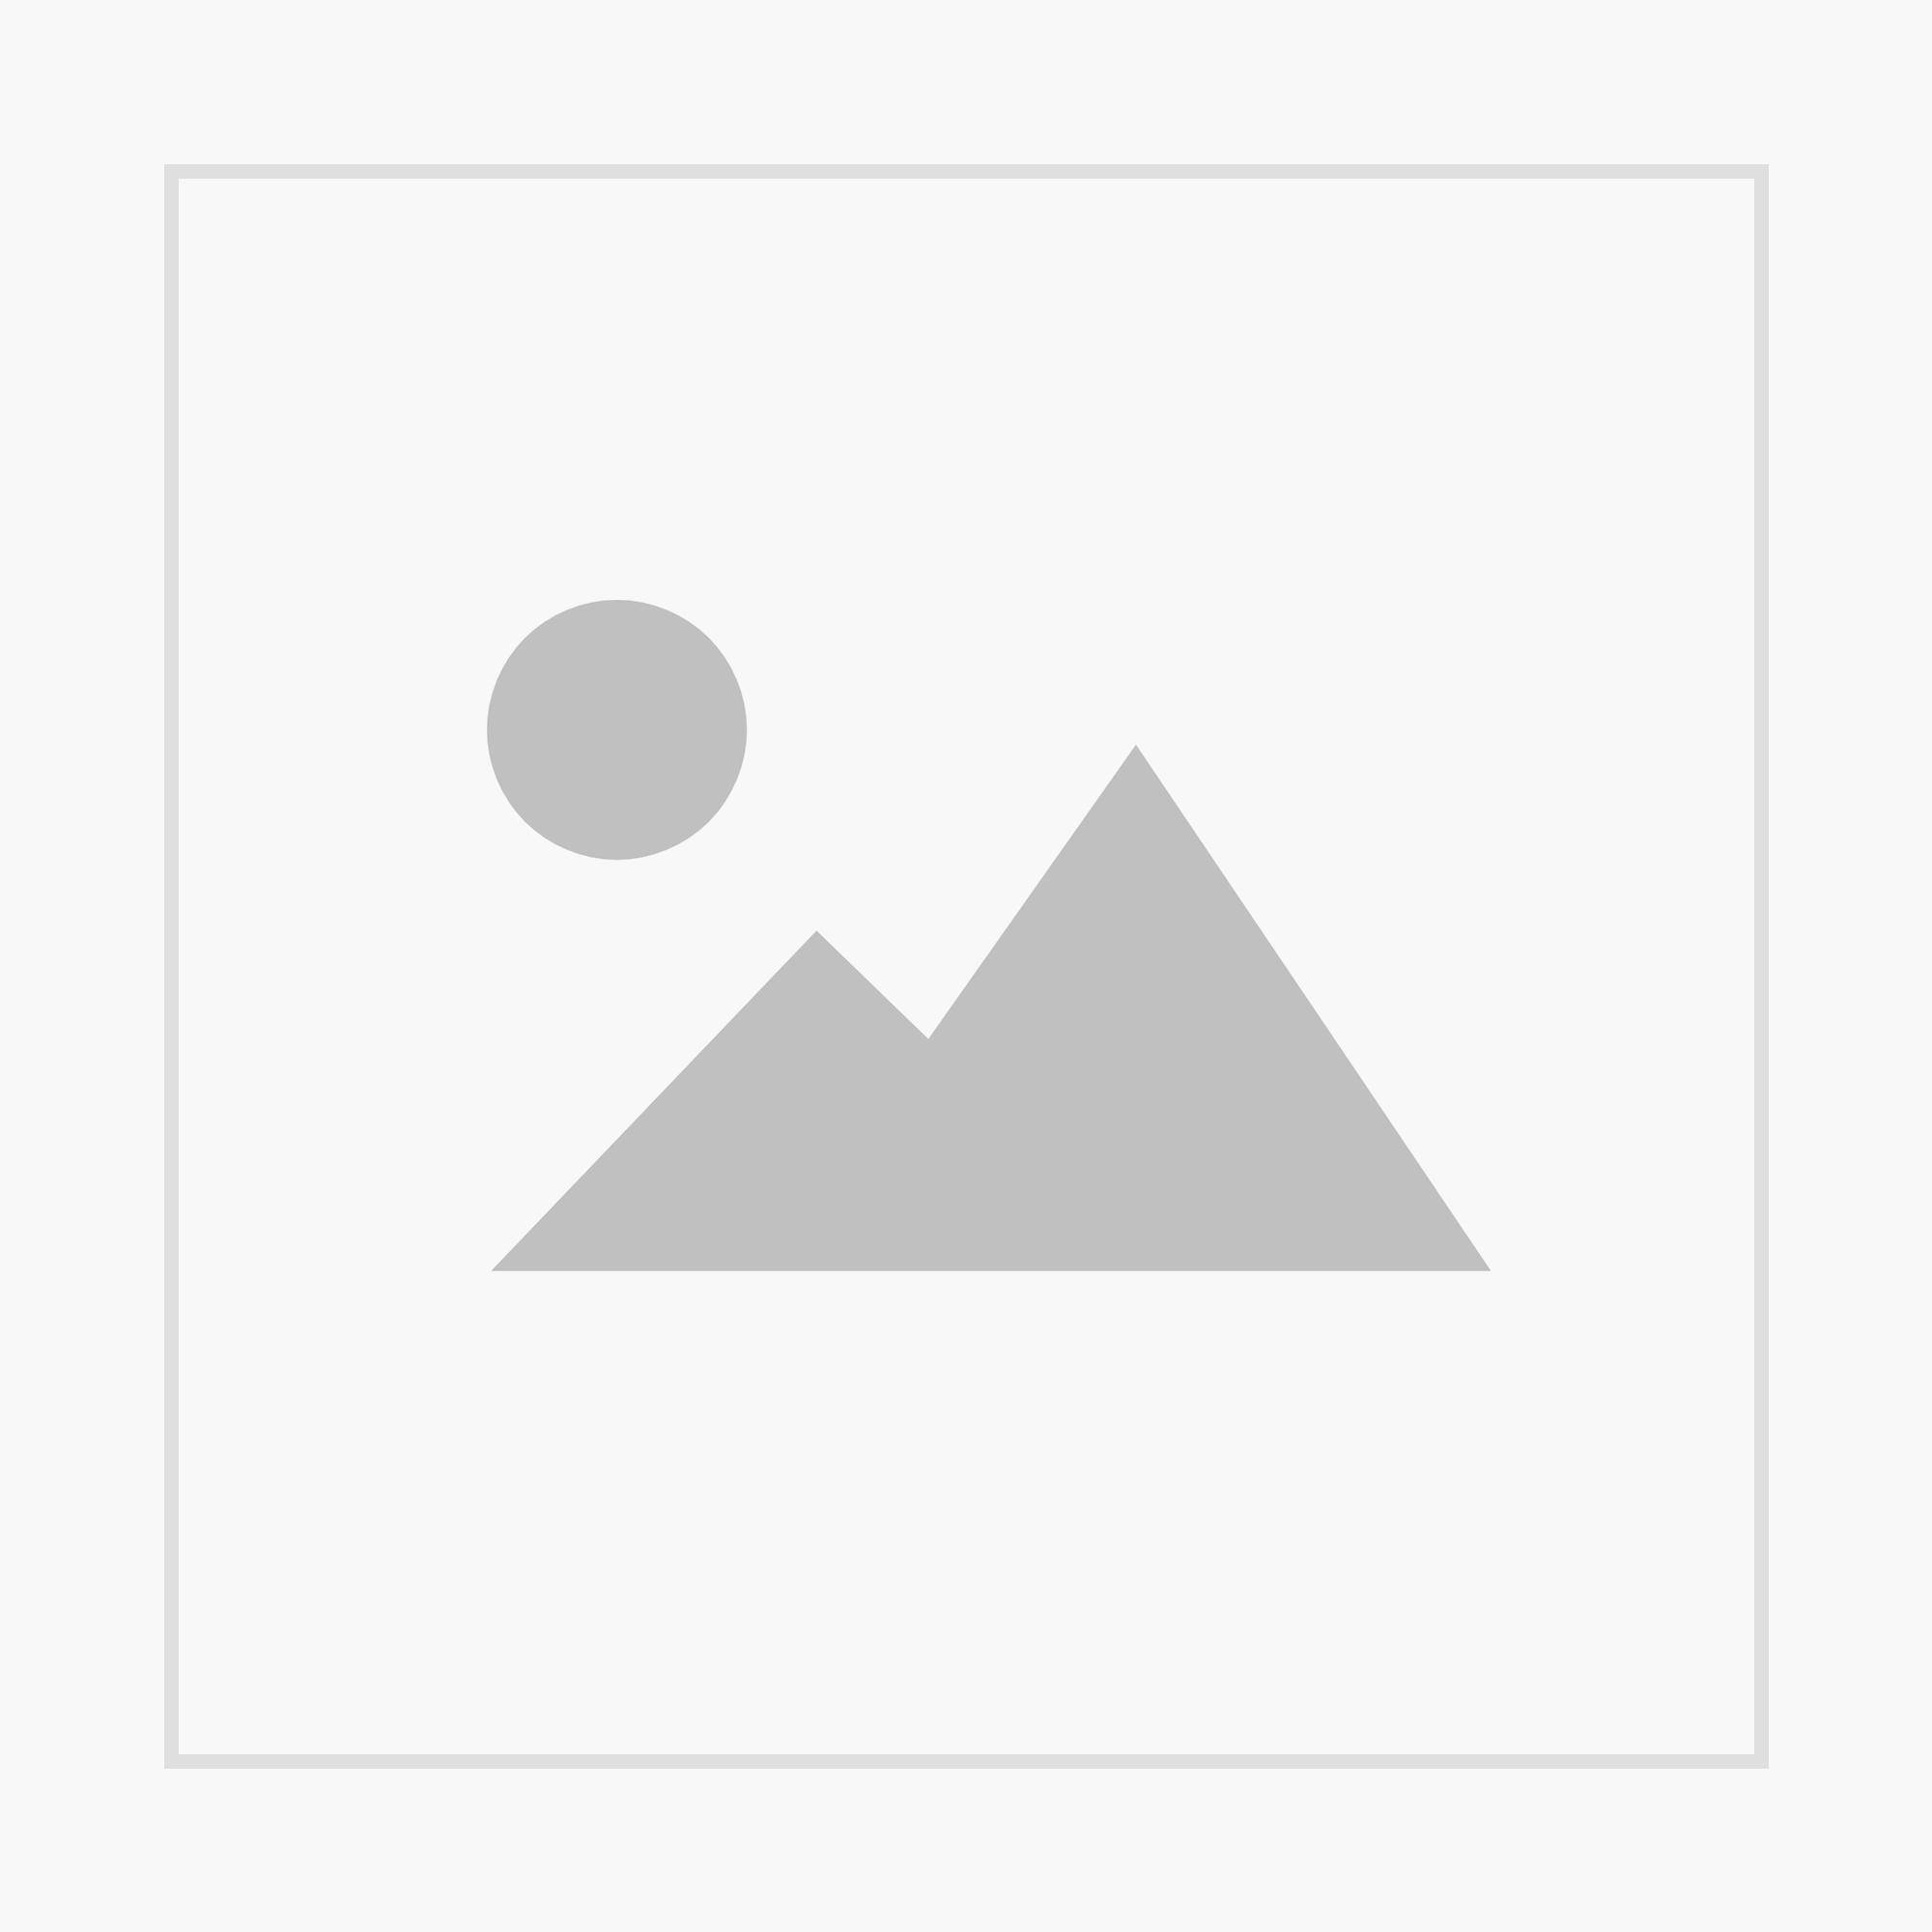 essen & trinken Für jeden Tag - Spezial MixMixMix 02/2019